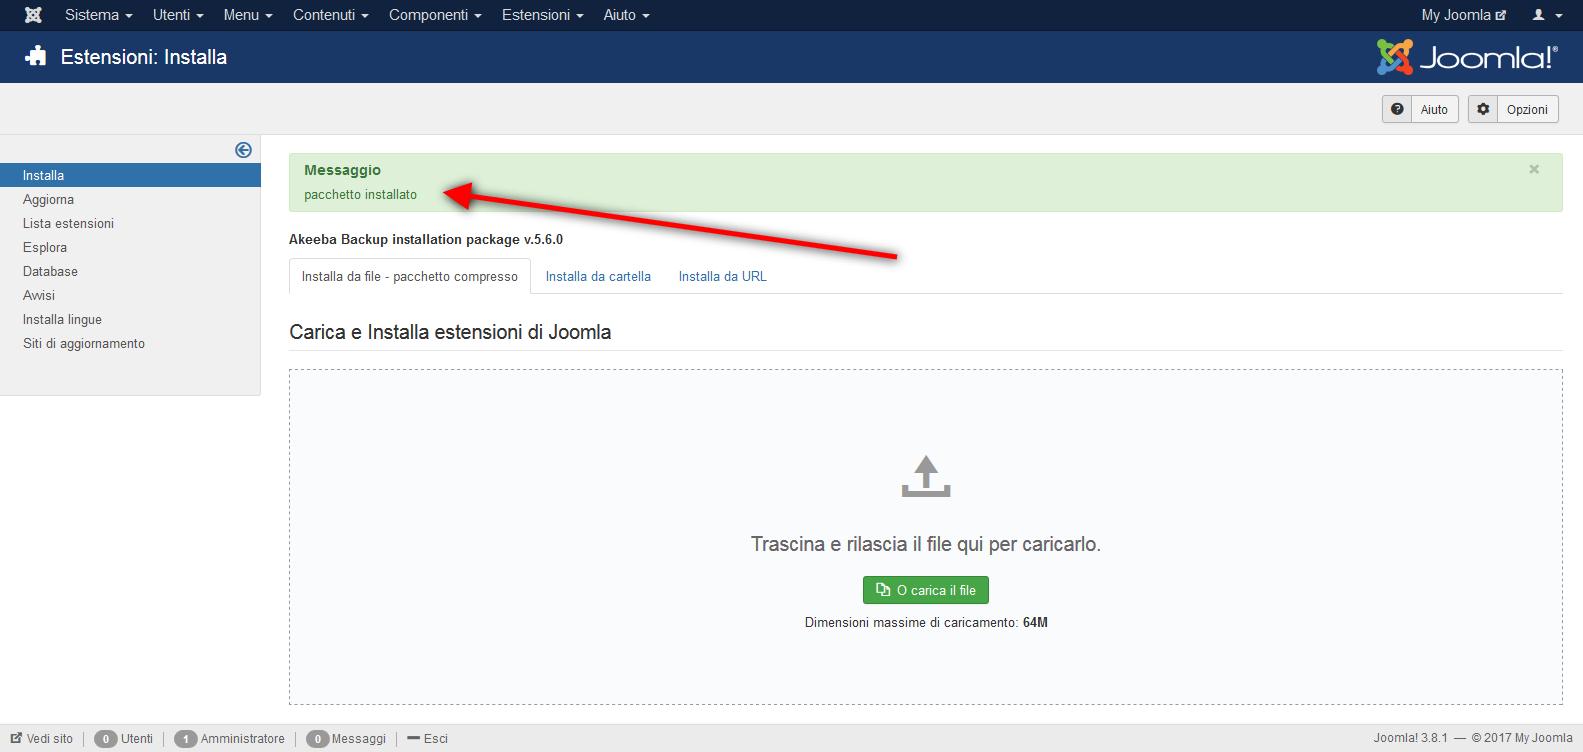 Come installare un componente su Joomla!